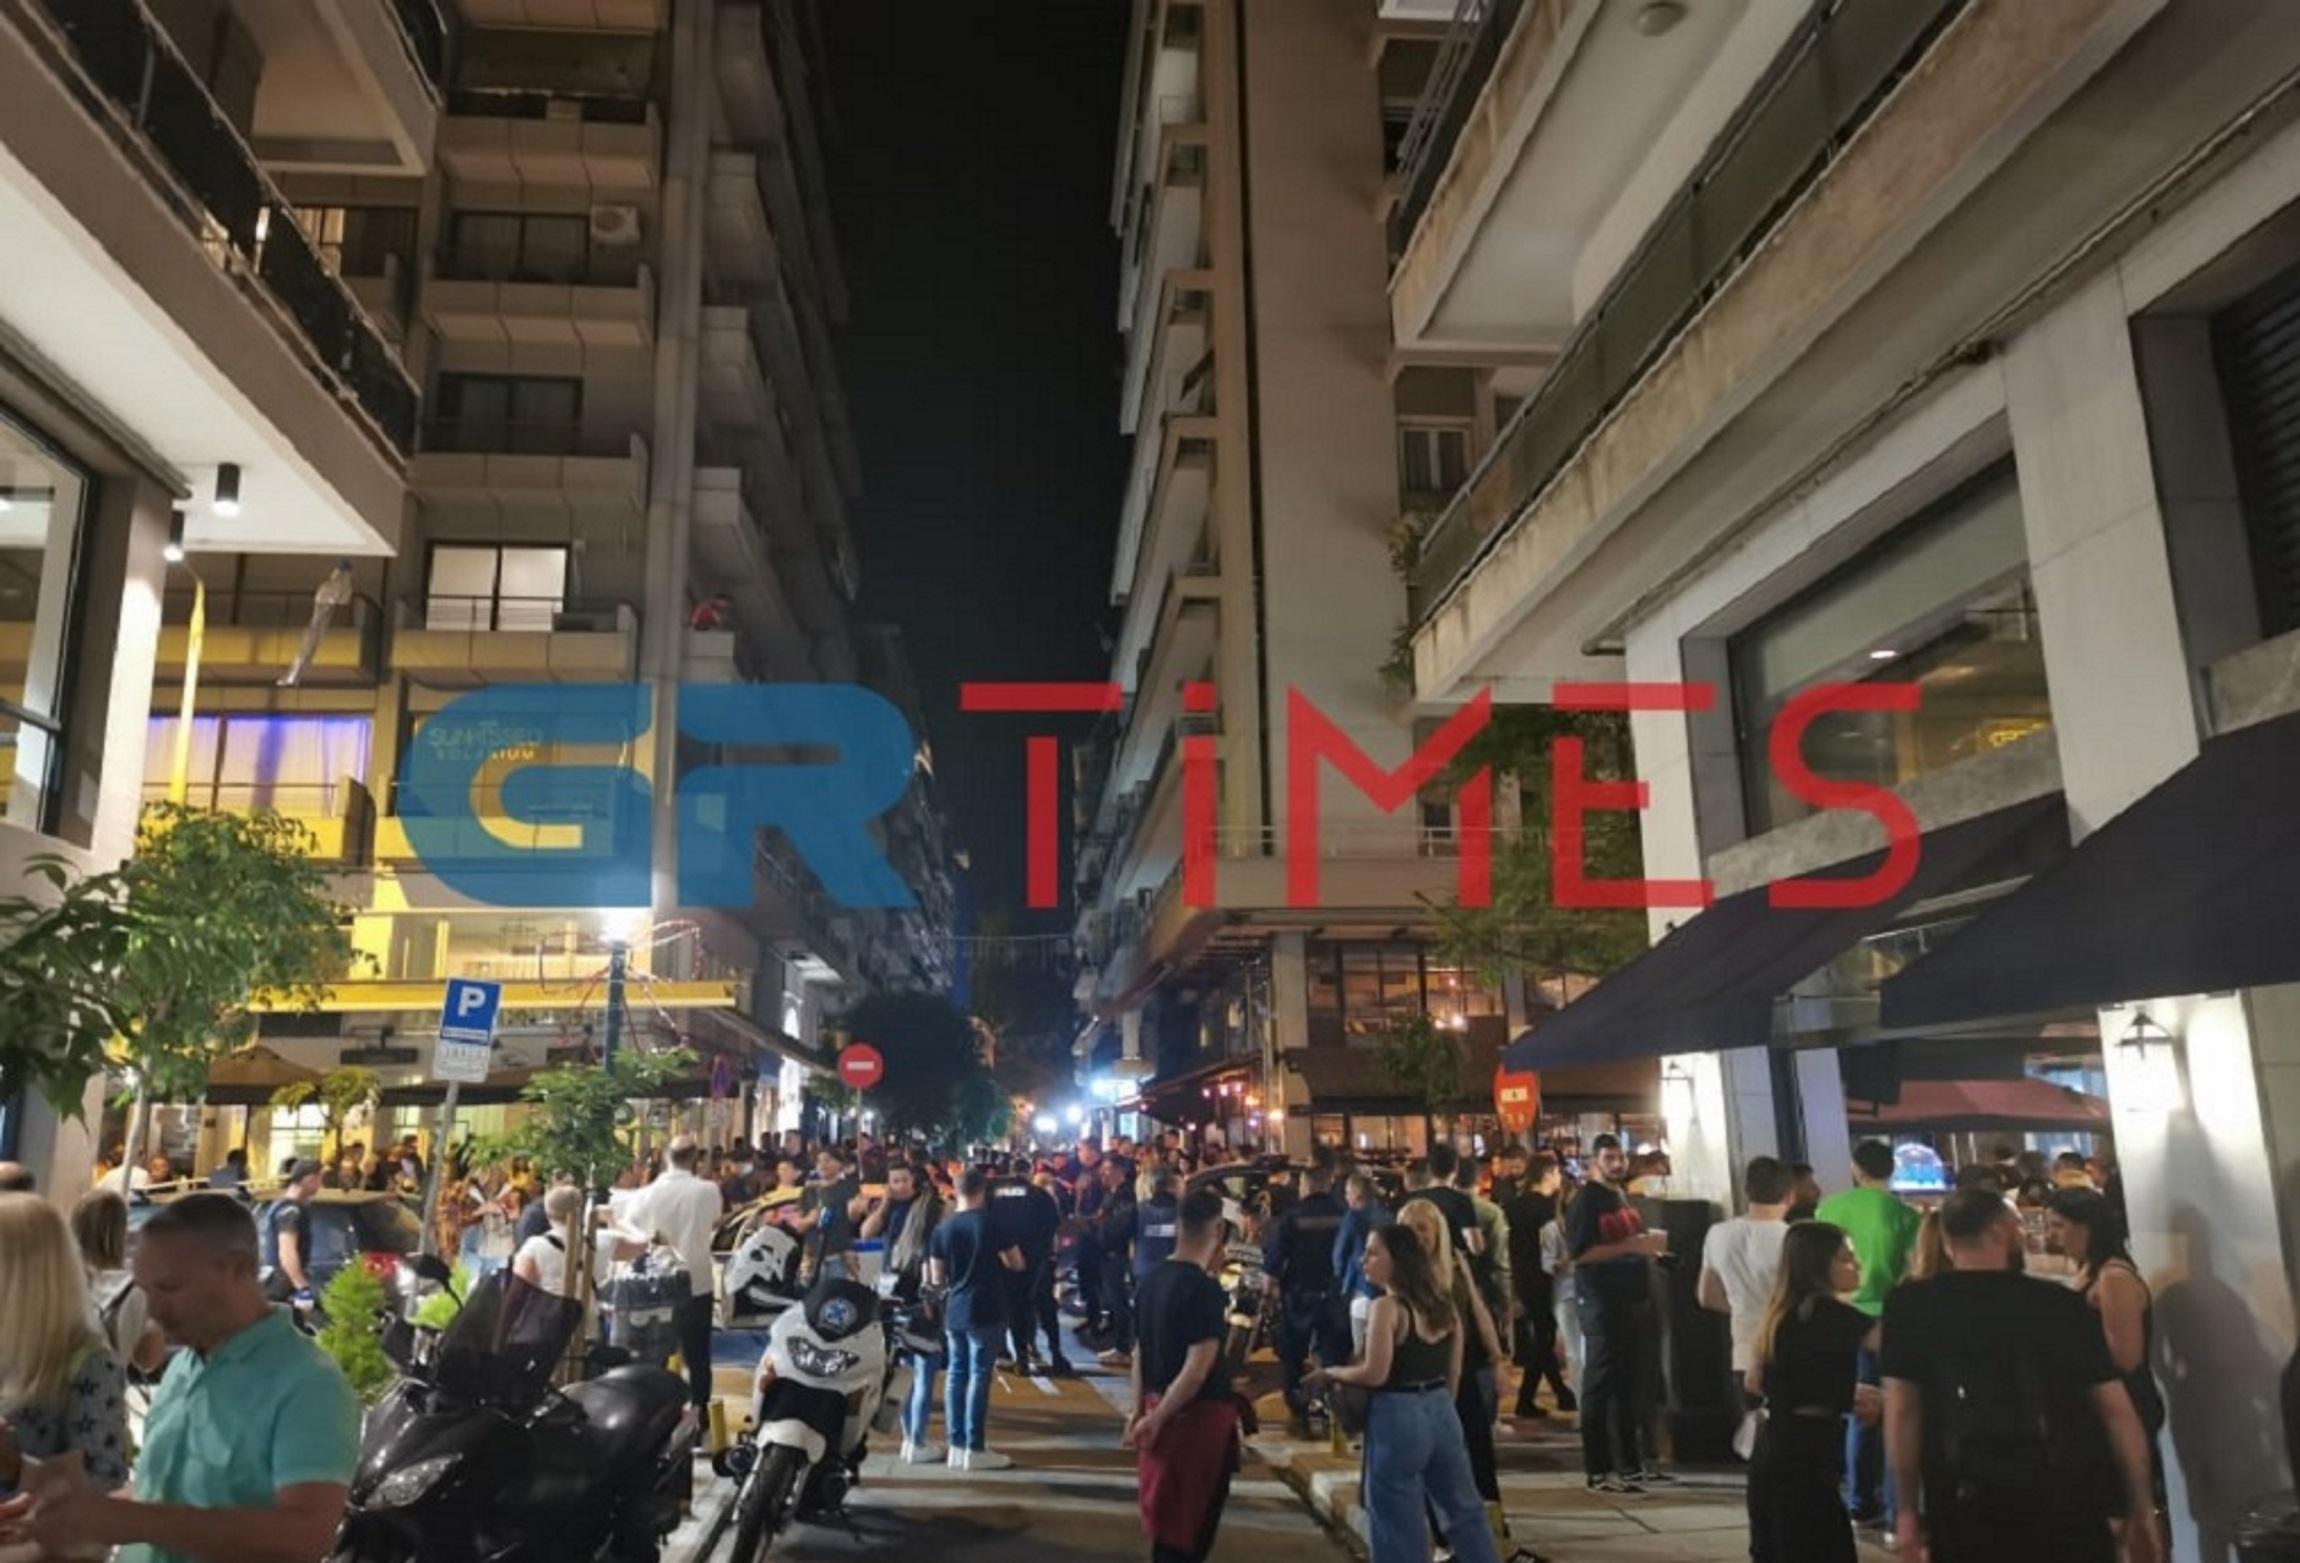 Θεσσαλονίκη: Ο κακός χαμός για ένα κοκτέιλ κι απόψε – «Έπεσαν» πρόστιμα για τον συνωστισμό – Ειδήσεις